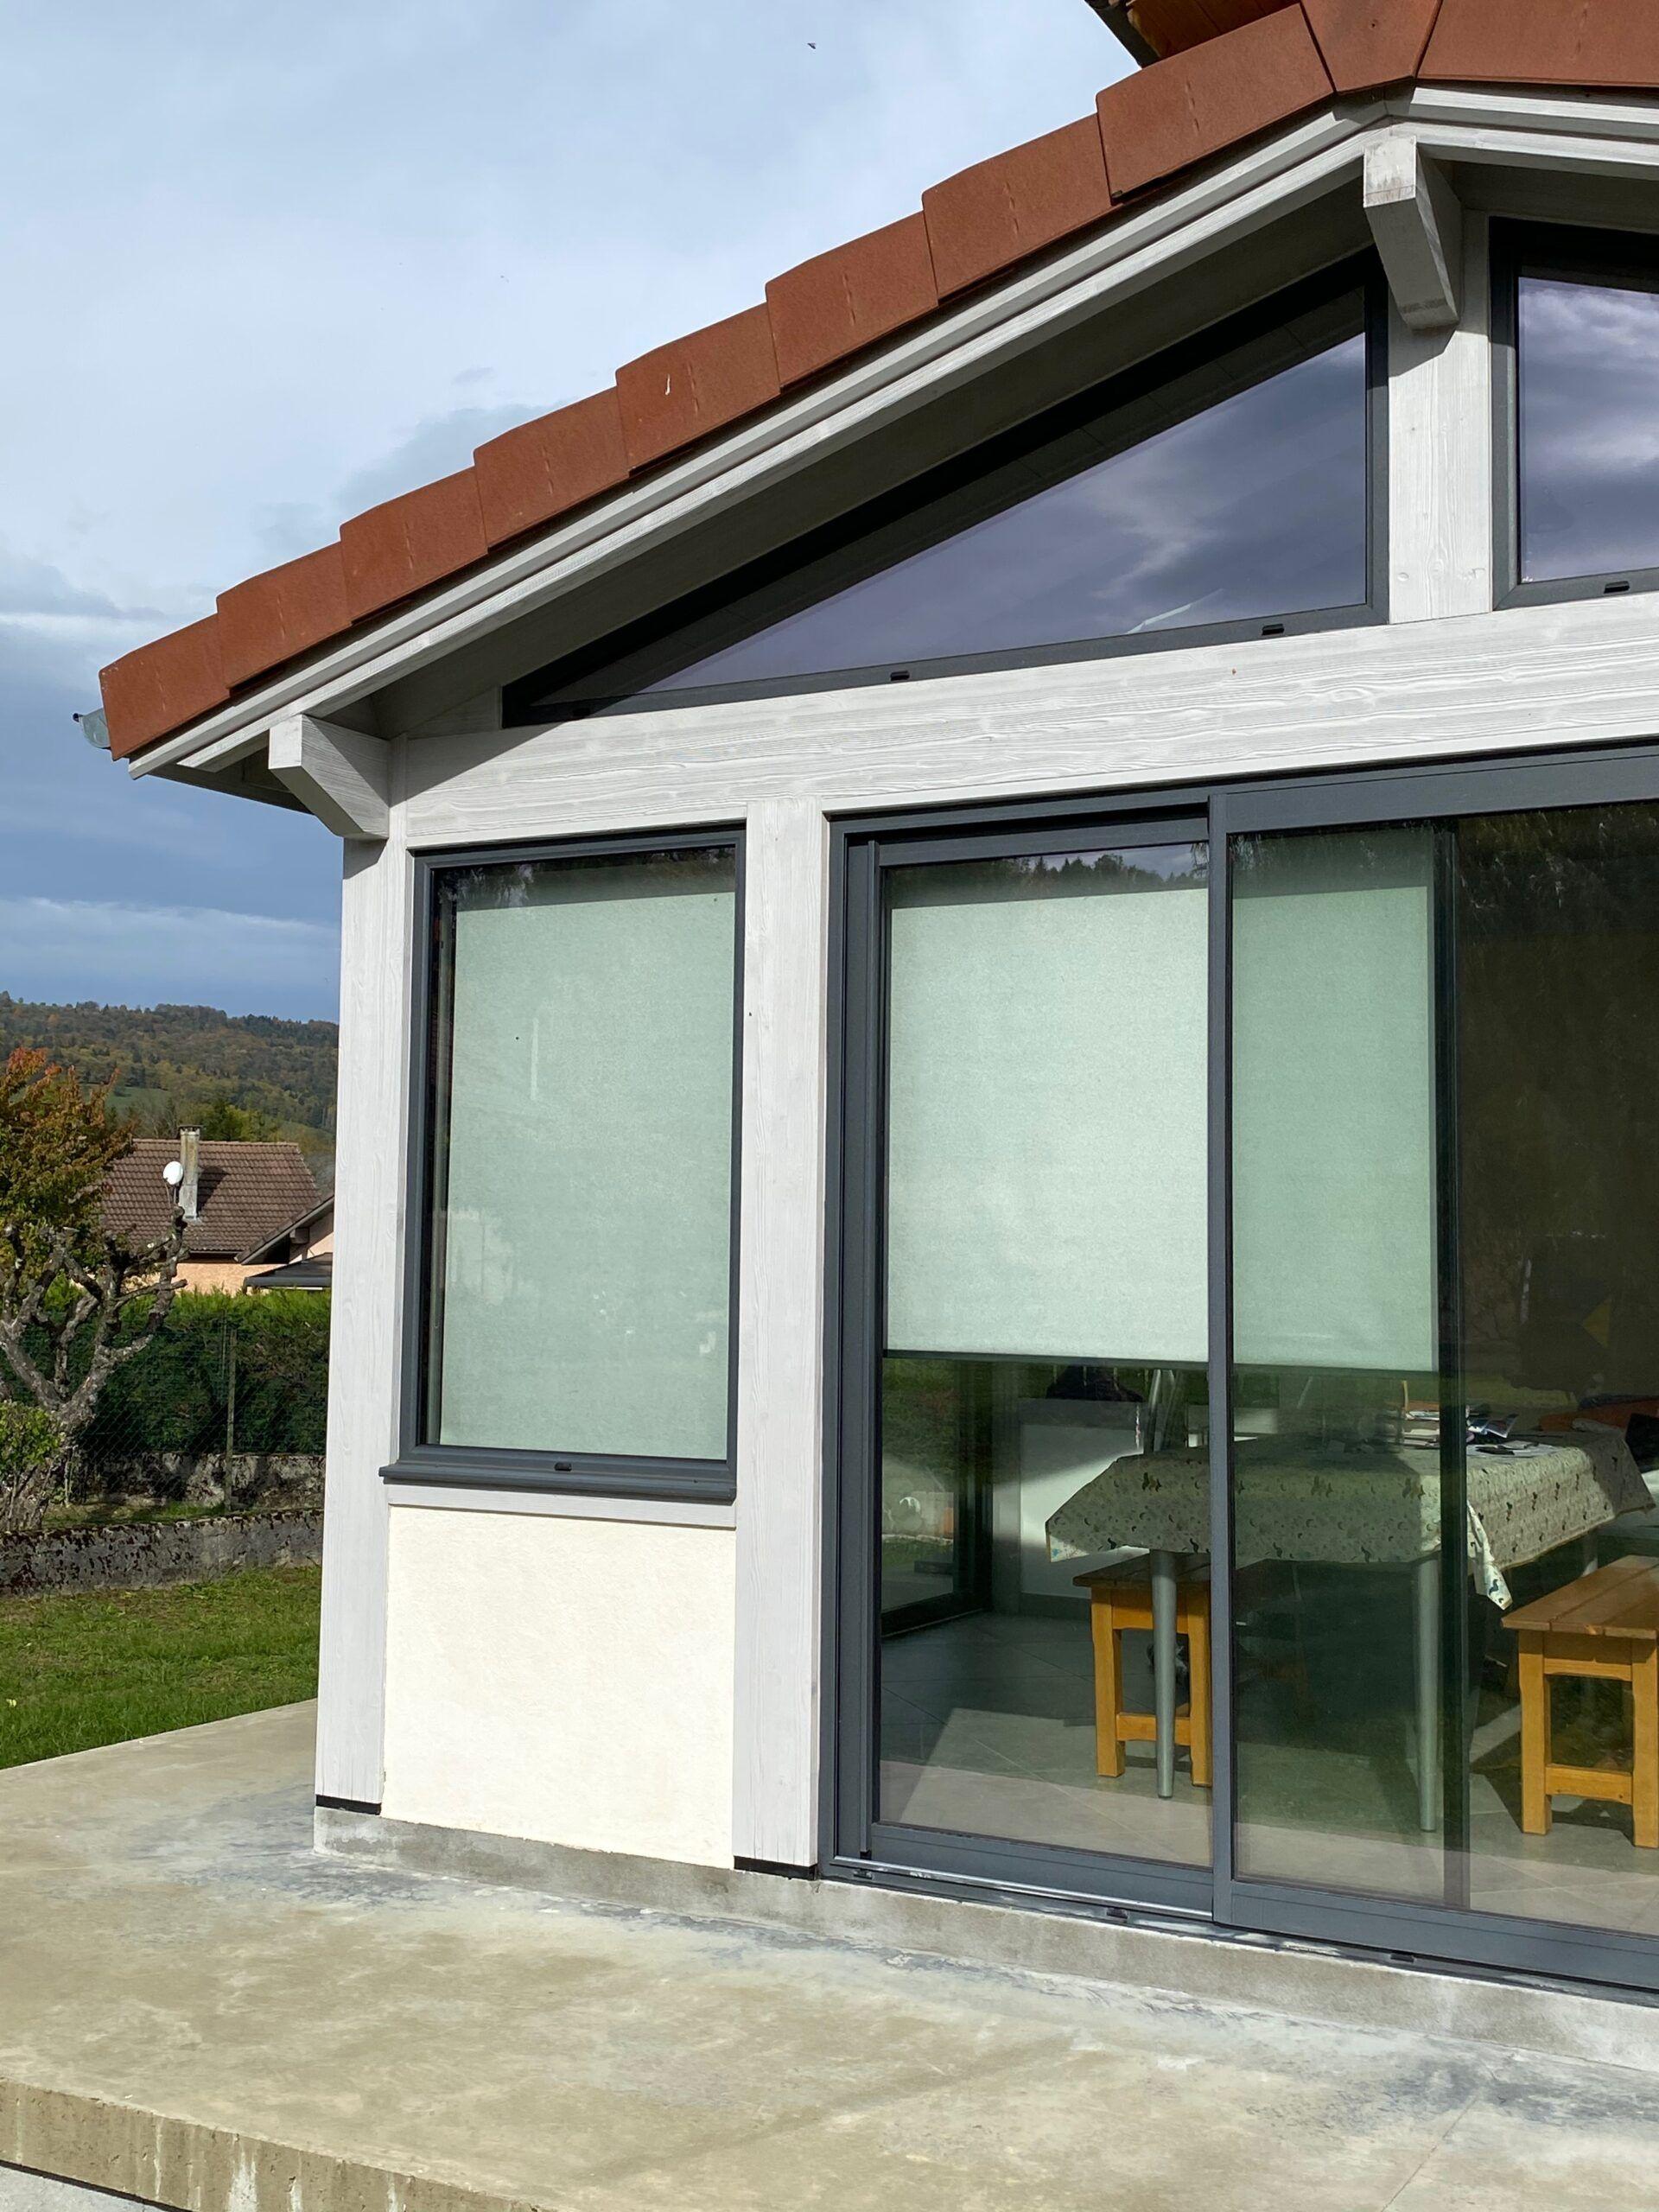 véranda vue de l'extérieur avec des stores anti chaleur